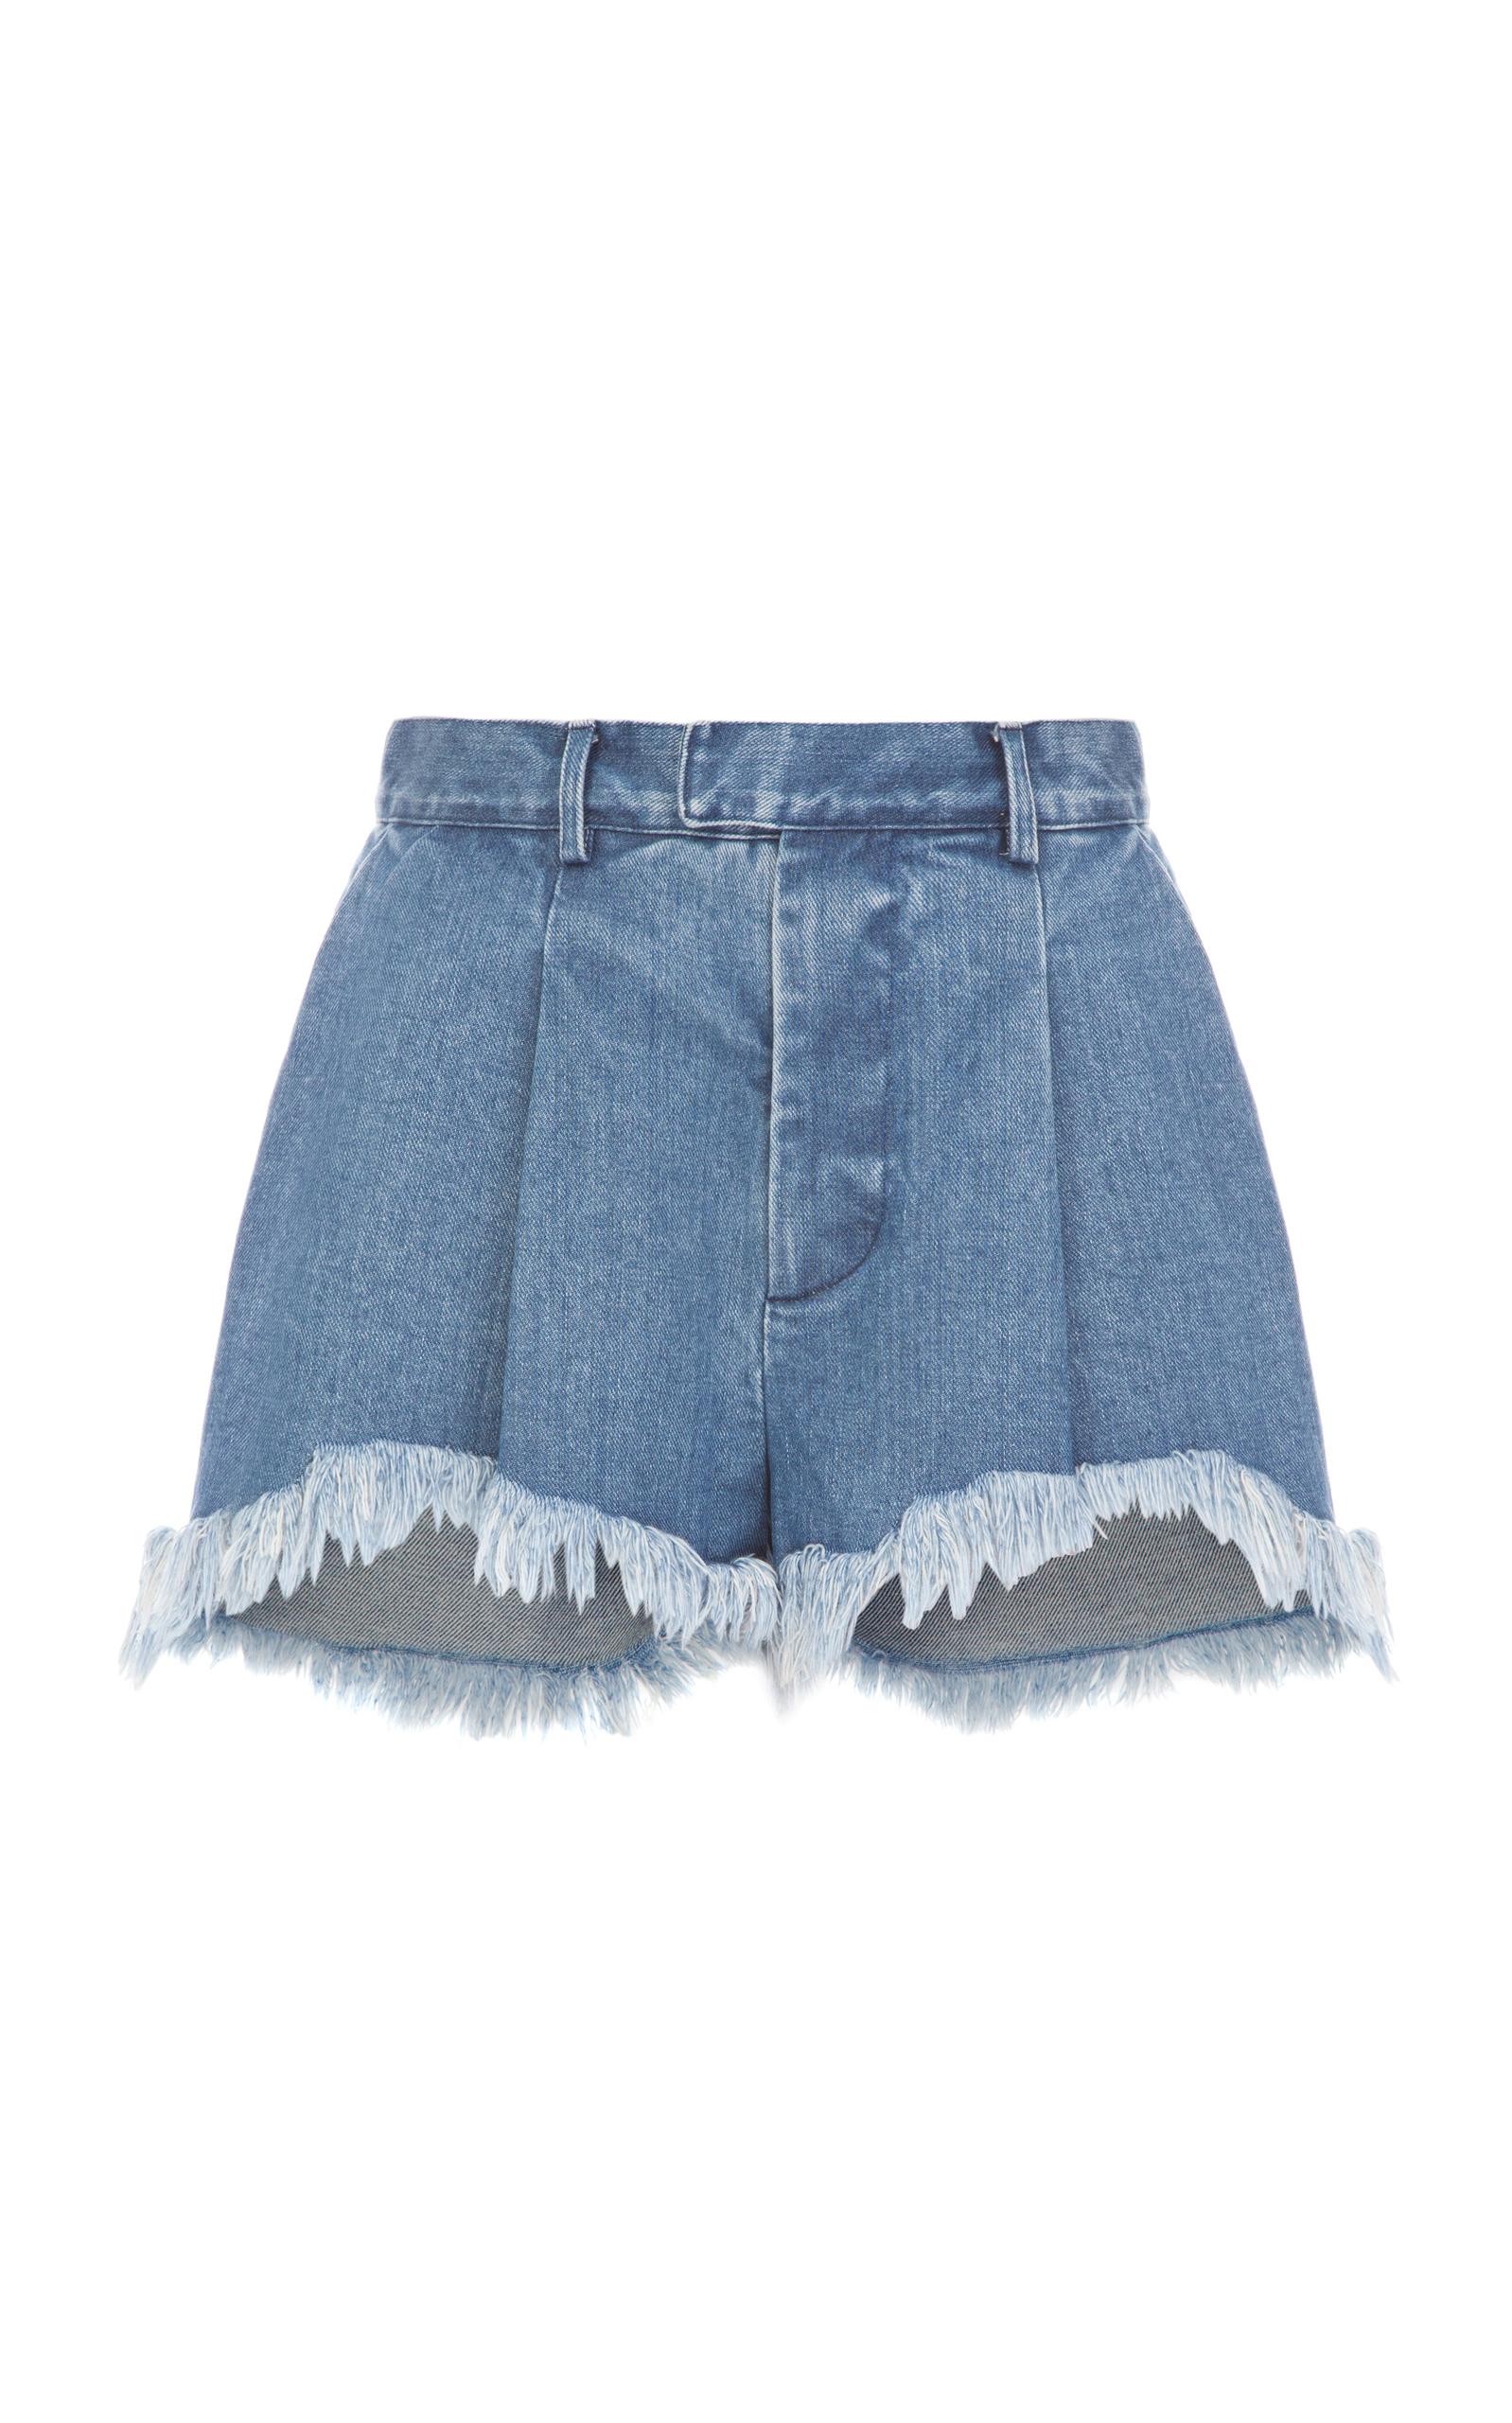 5d149ed1 Fringe Denim Shorts